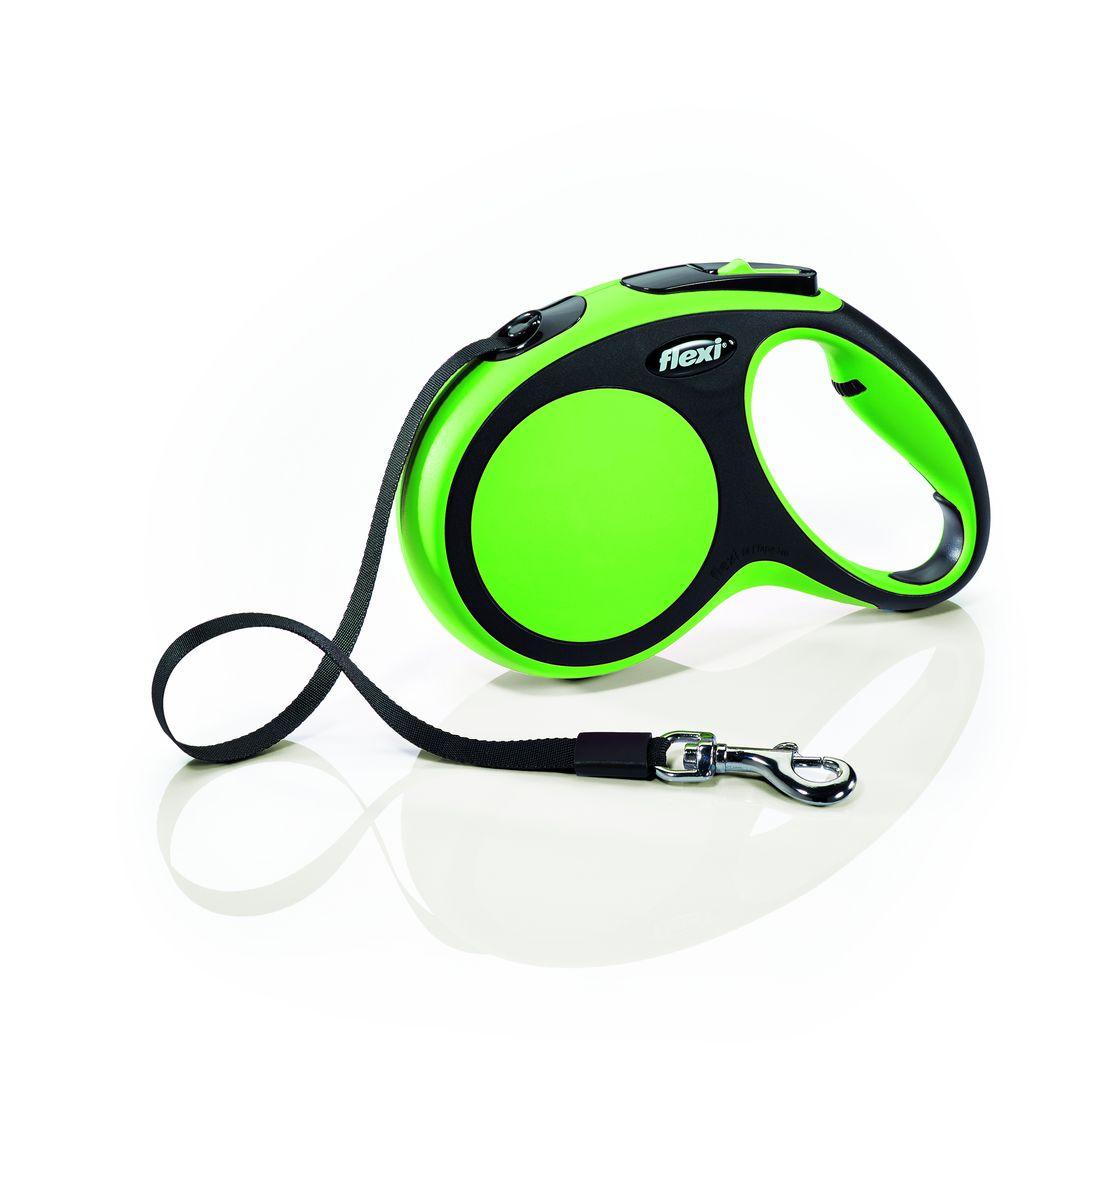 Поводок-рулетка Flexi New Comfort, лента, для собак весом до 25 кг, цвет: черный, зеленый, 5 м. Размер М28223Ленточный поводок-рулетка Flexi New Comfort обеспечивает собаке свободу движения, что идет на пользу здоровью и радует вашего четвероногого друга. Рулетка очень проста в использовании. Оснащена кнопками кратковременной и постоянной фиксации. Рулетку можно оснастить мультибоксом для лакомств или пакетиков для сбора фекалий, LED подсветкой корпуса.Прочный корпус, хромированная застежка и светоотражающие элементы.Лента поводка автоматически сматывается, и поводок в процессе использования не провисает, не касается грунта и таким образом не пачкается и не перетирается. Поводок не нужно подбирать руками, когда питомец подошел ближе, таким образом ваши руки всегда чистые. На рукоятке имеется колесико позволяющее адаптировать размер рукоятки под размер руки.Максимальный вес питомца: 25 кг.Длина: 5 м.